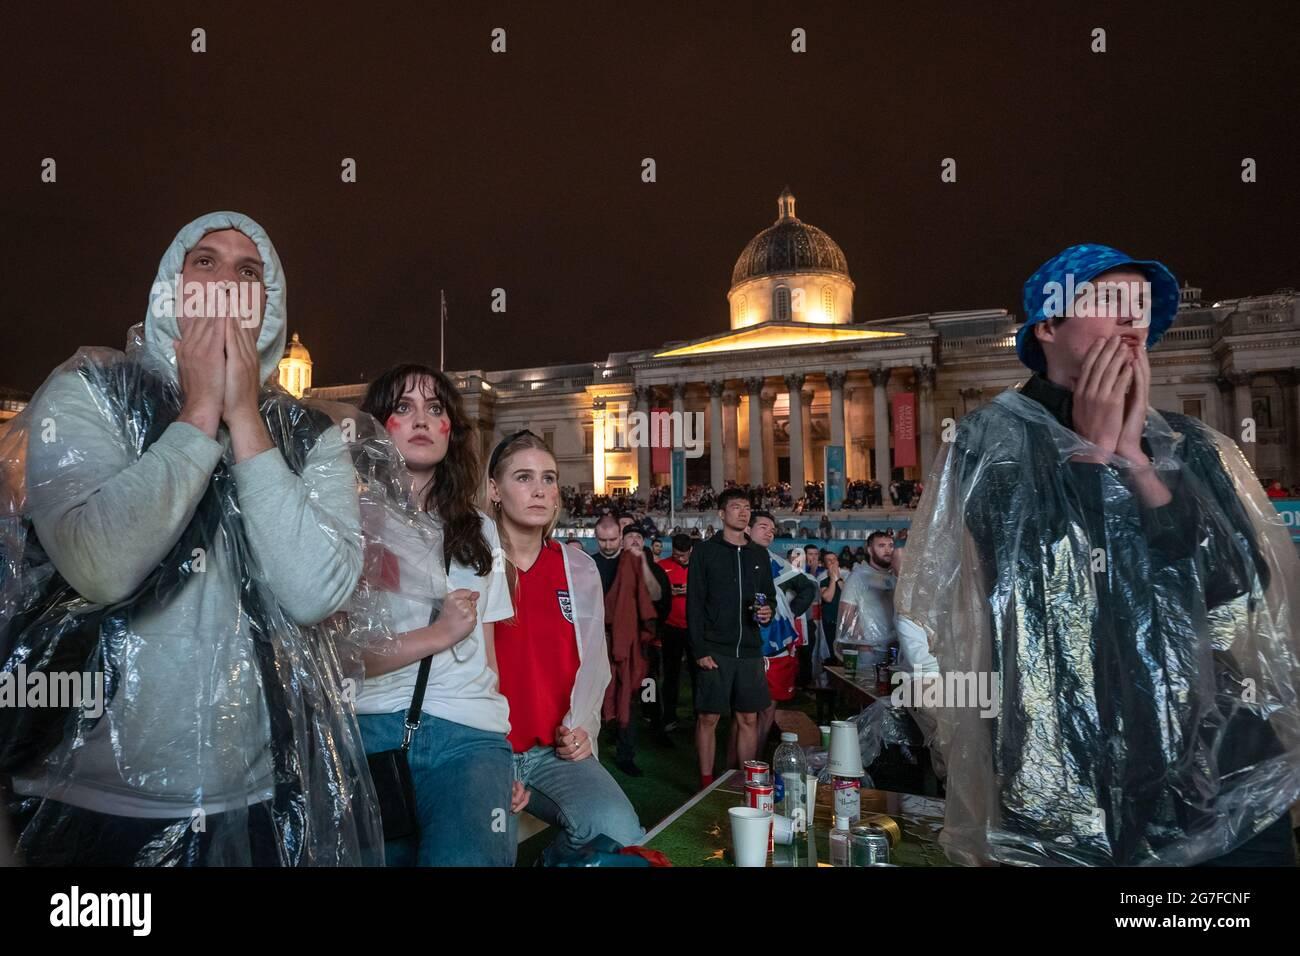 EURO 2020 : les fans d'Angleterre ressentent une défaite à Trafalgar Square tandis que l'Italie gagne 3-2 après une fusillade de pénalité déchiqueante lors de la finale de l'Euro. Londres, Royaume-Uni. Banque D'Images